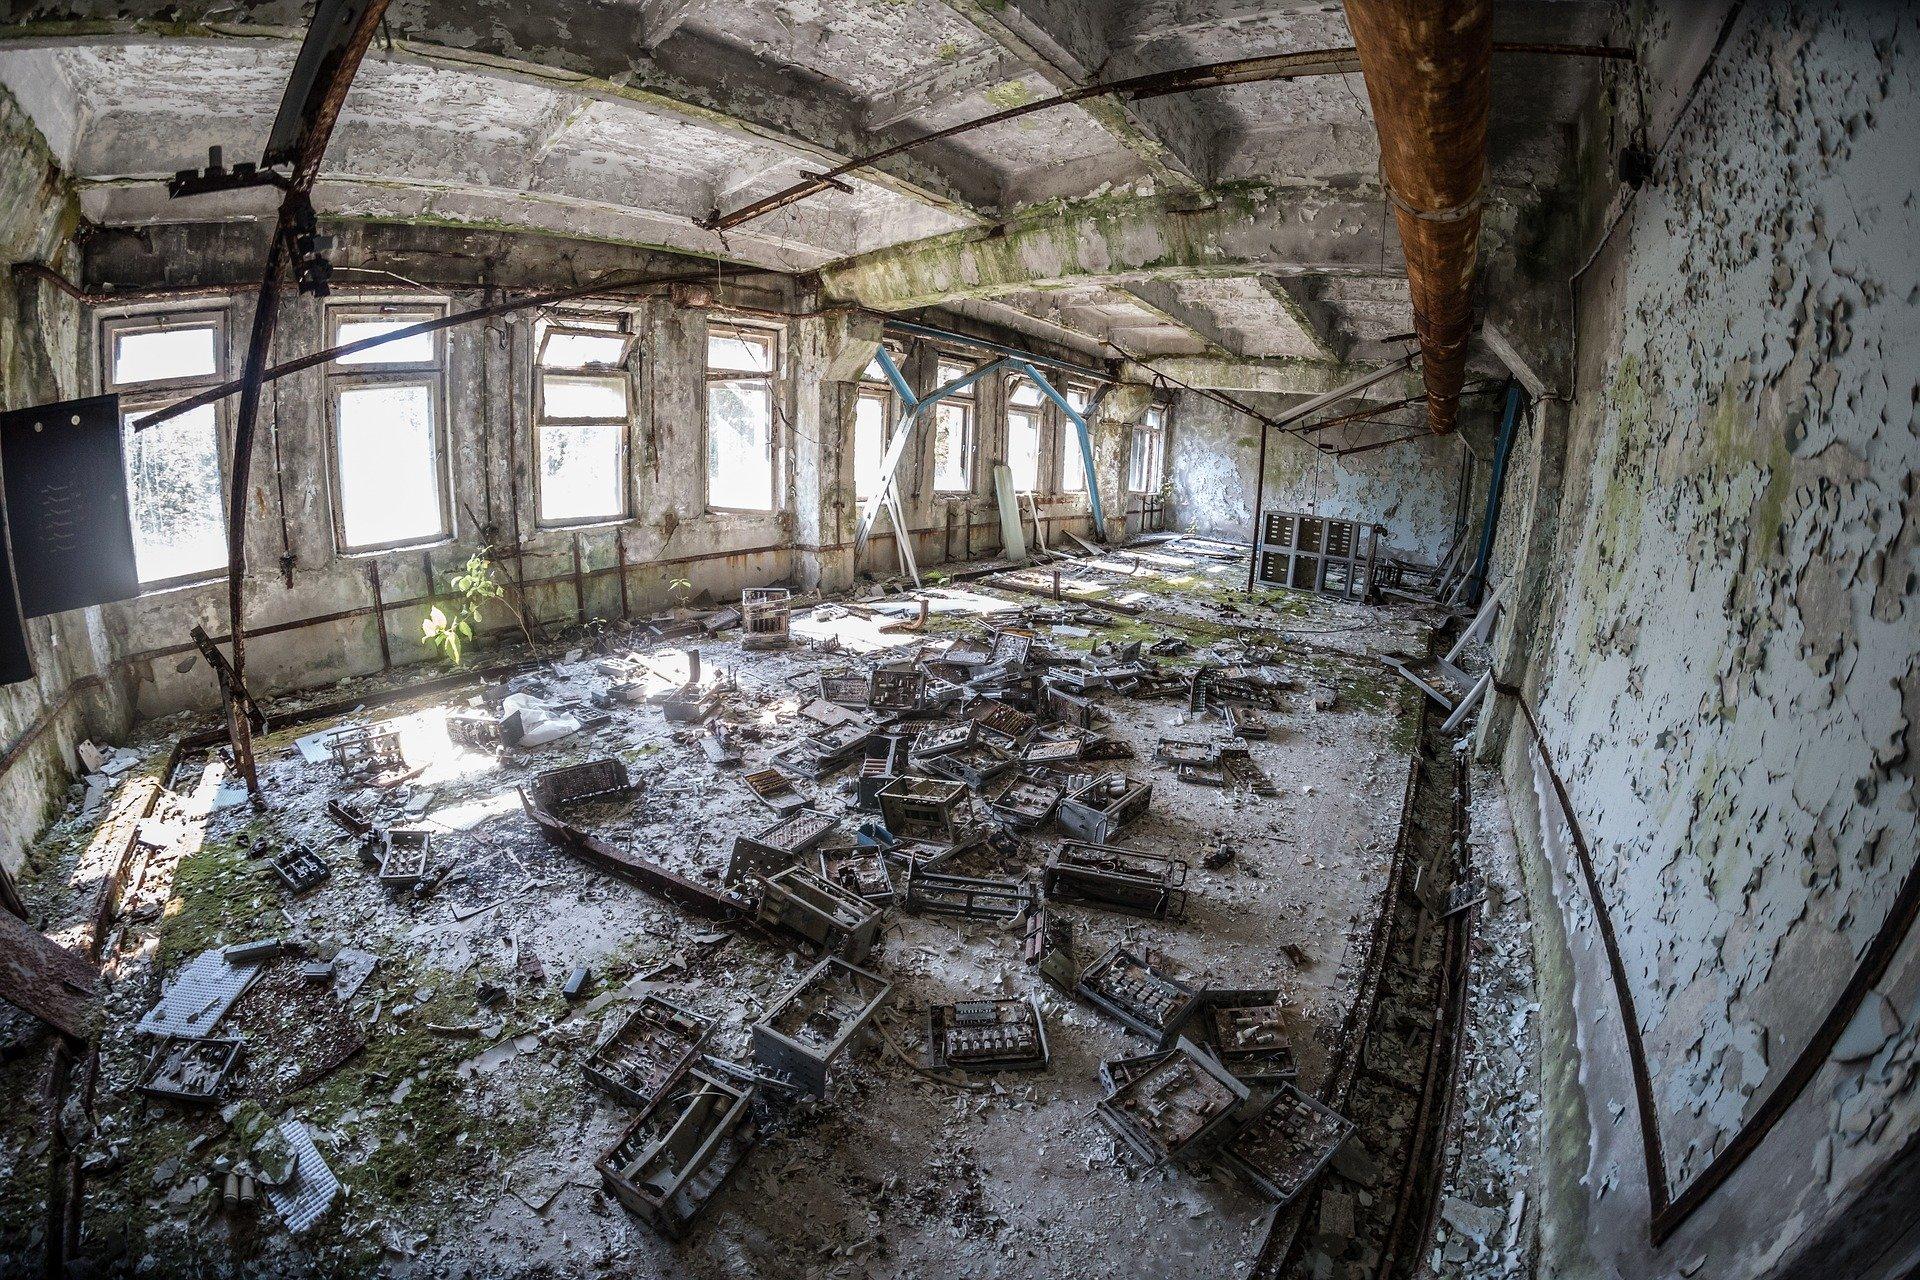 Edifício abandonado em Pripyat. Moradores da região foram afetados pela radiação e muitos desenvolveram câncer de tireoide.